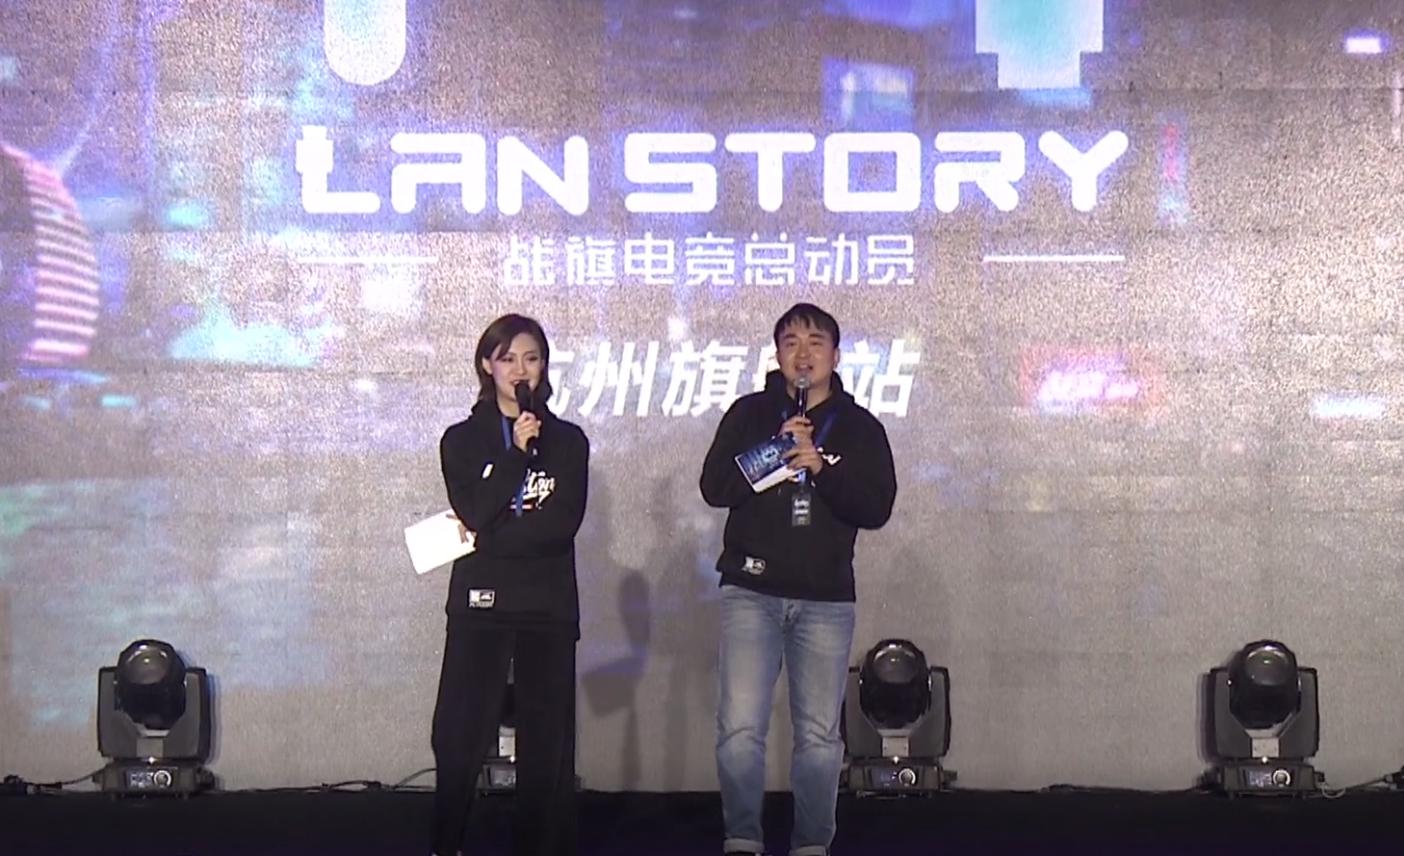 12月16日LanStory杭州旗舰站闭幕式